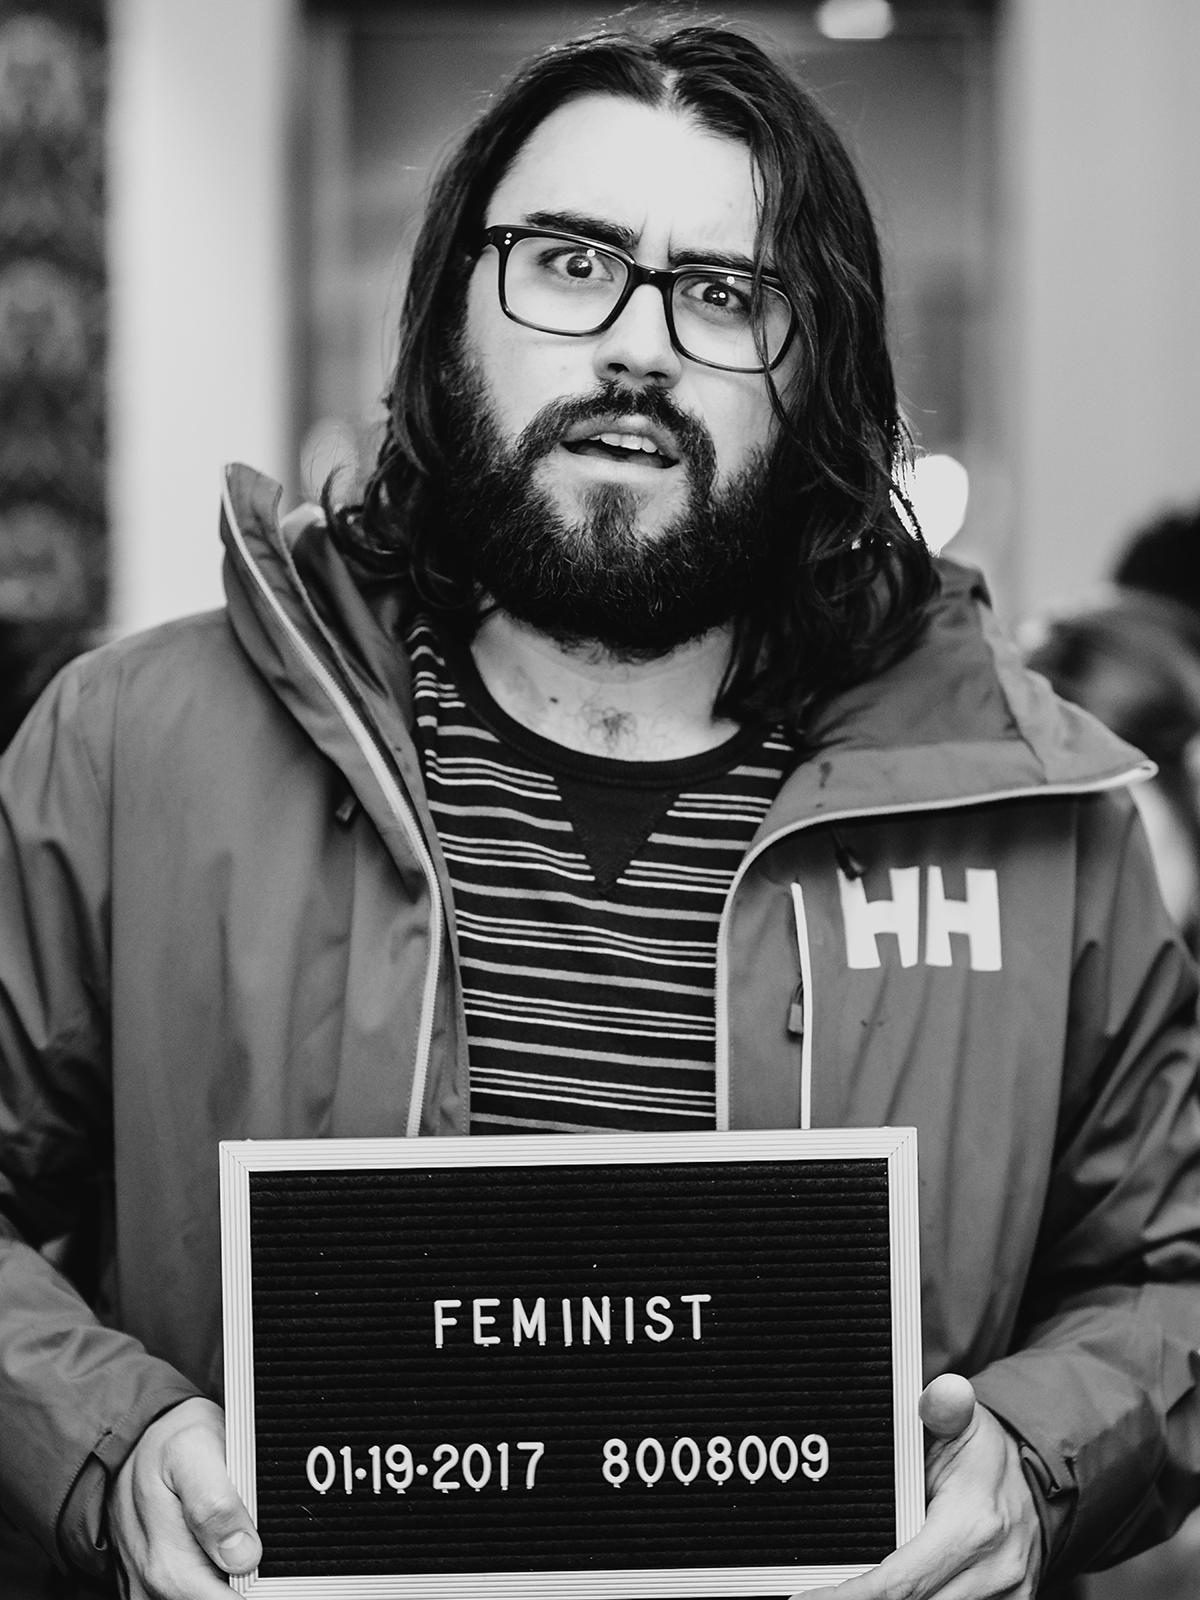 8008009 feminist.jpg